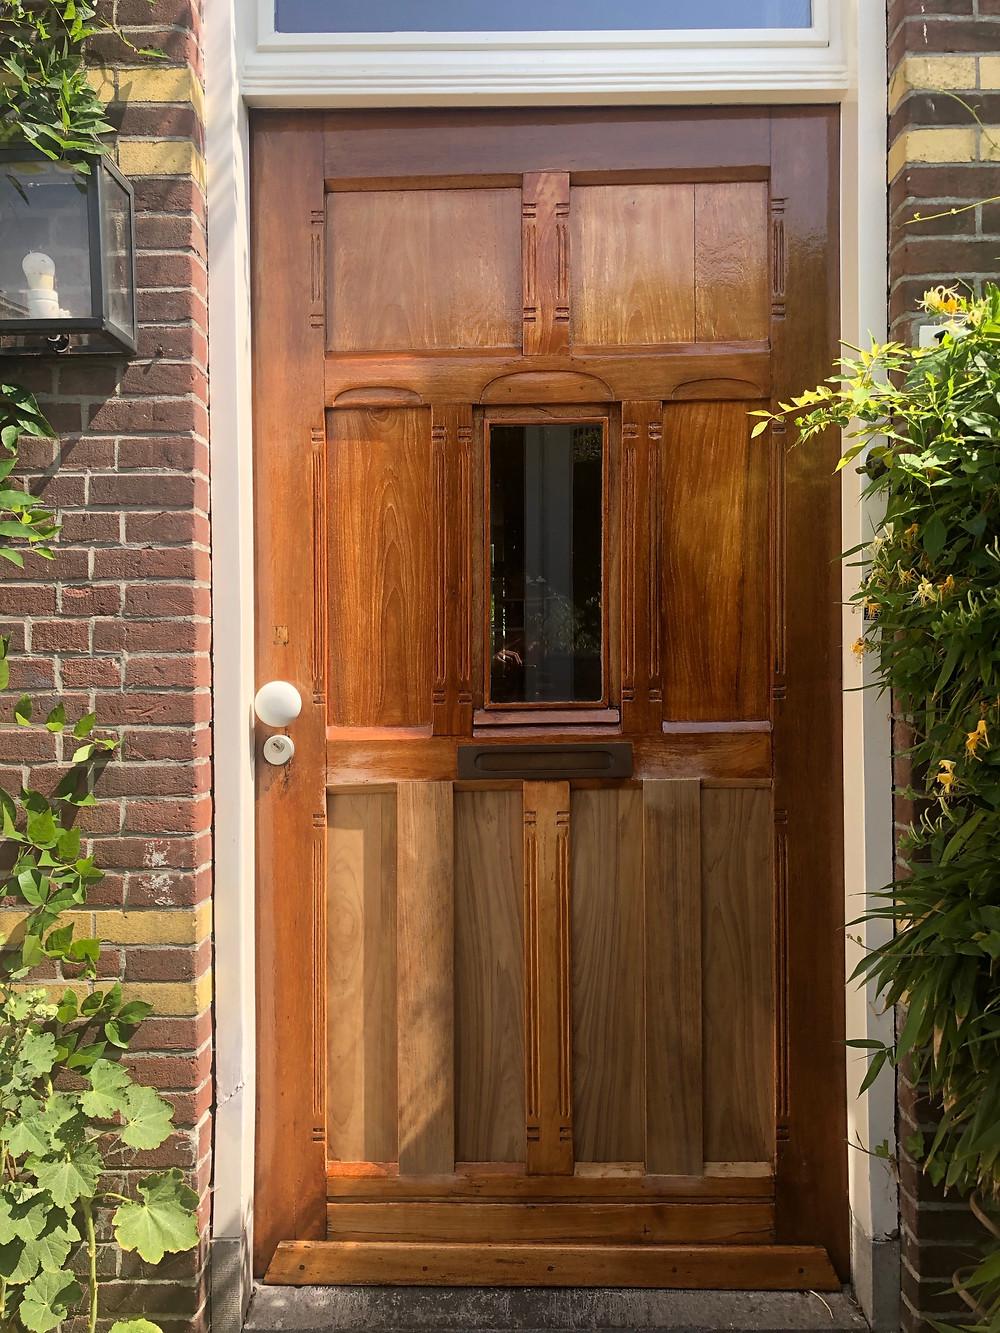 Oplevering van de paneeldeur/voordeur